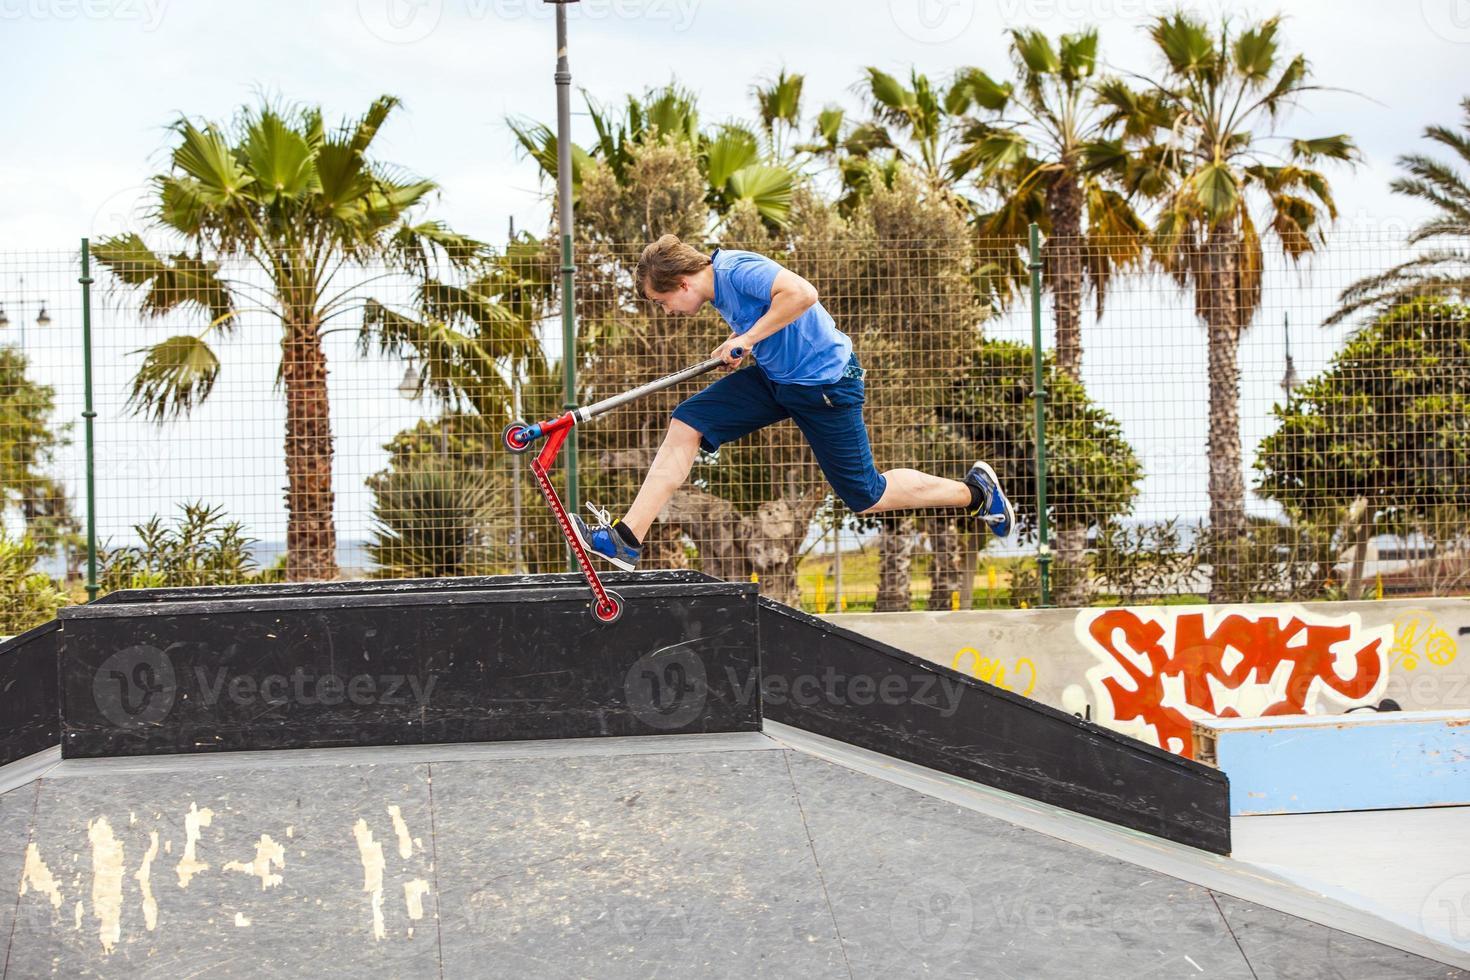 tienerjongen rijdt op zijn scooter in het skatepark foto